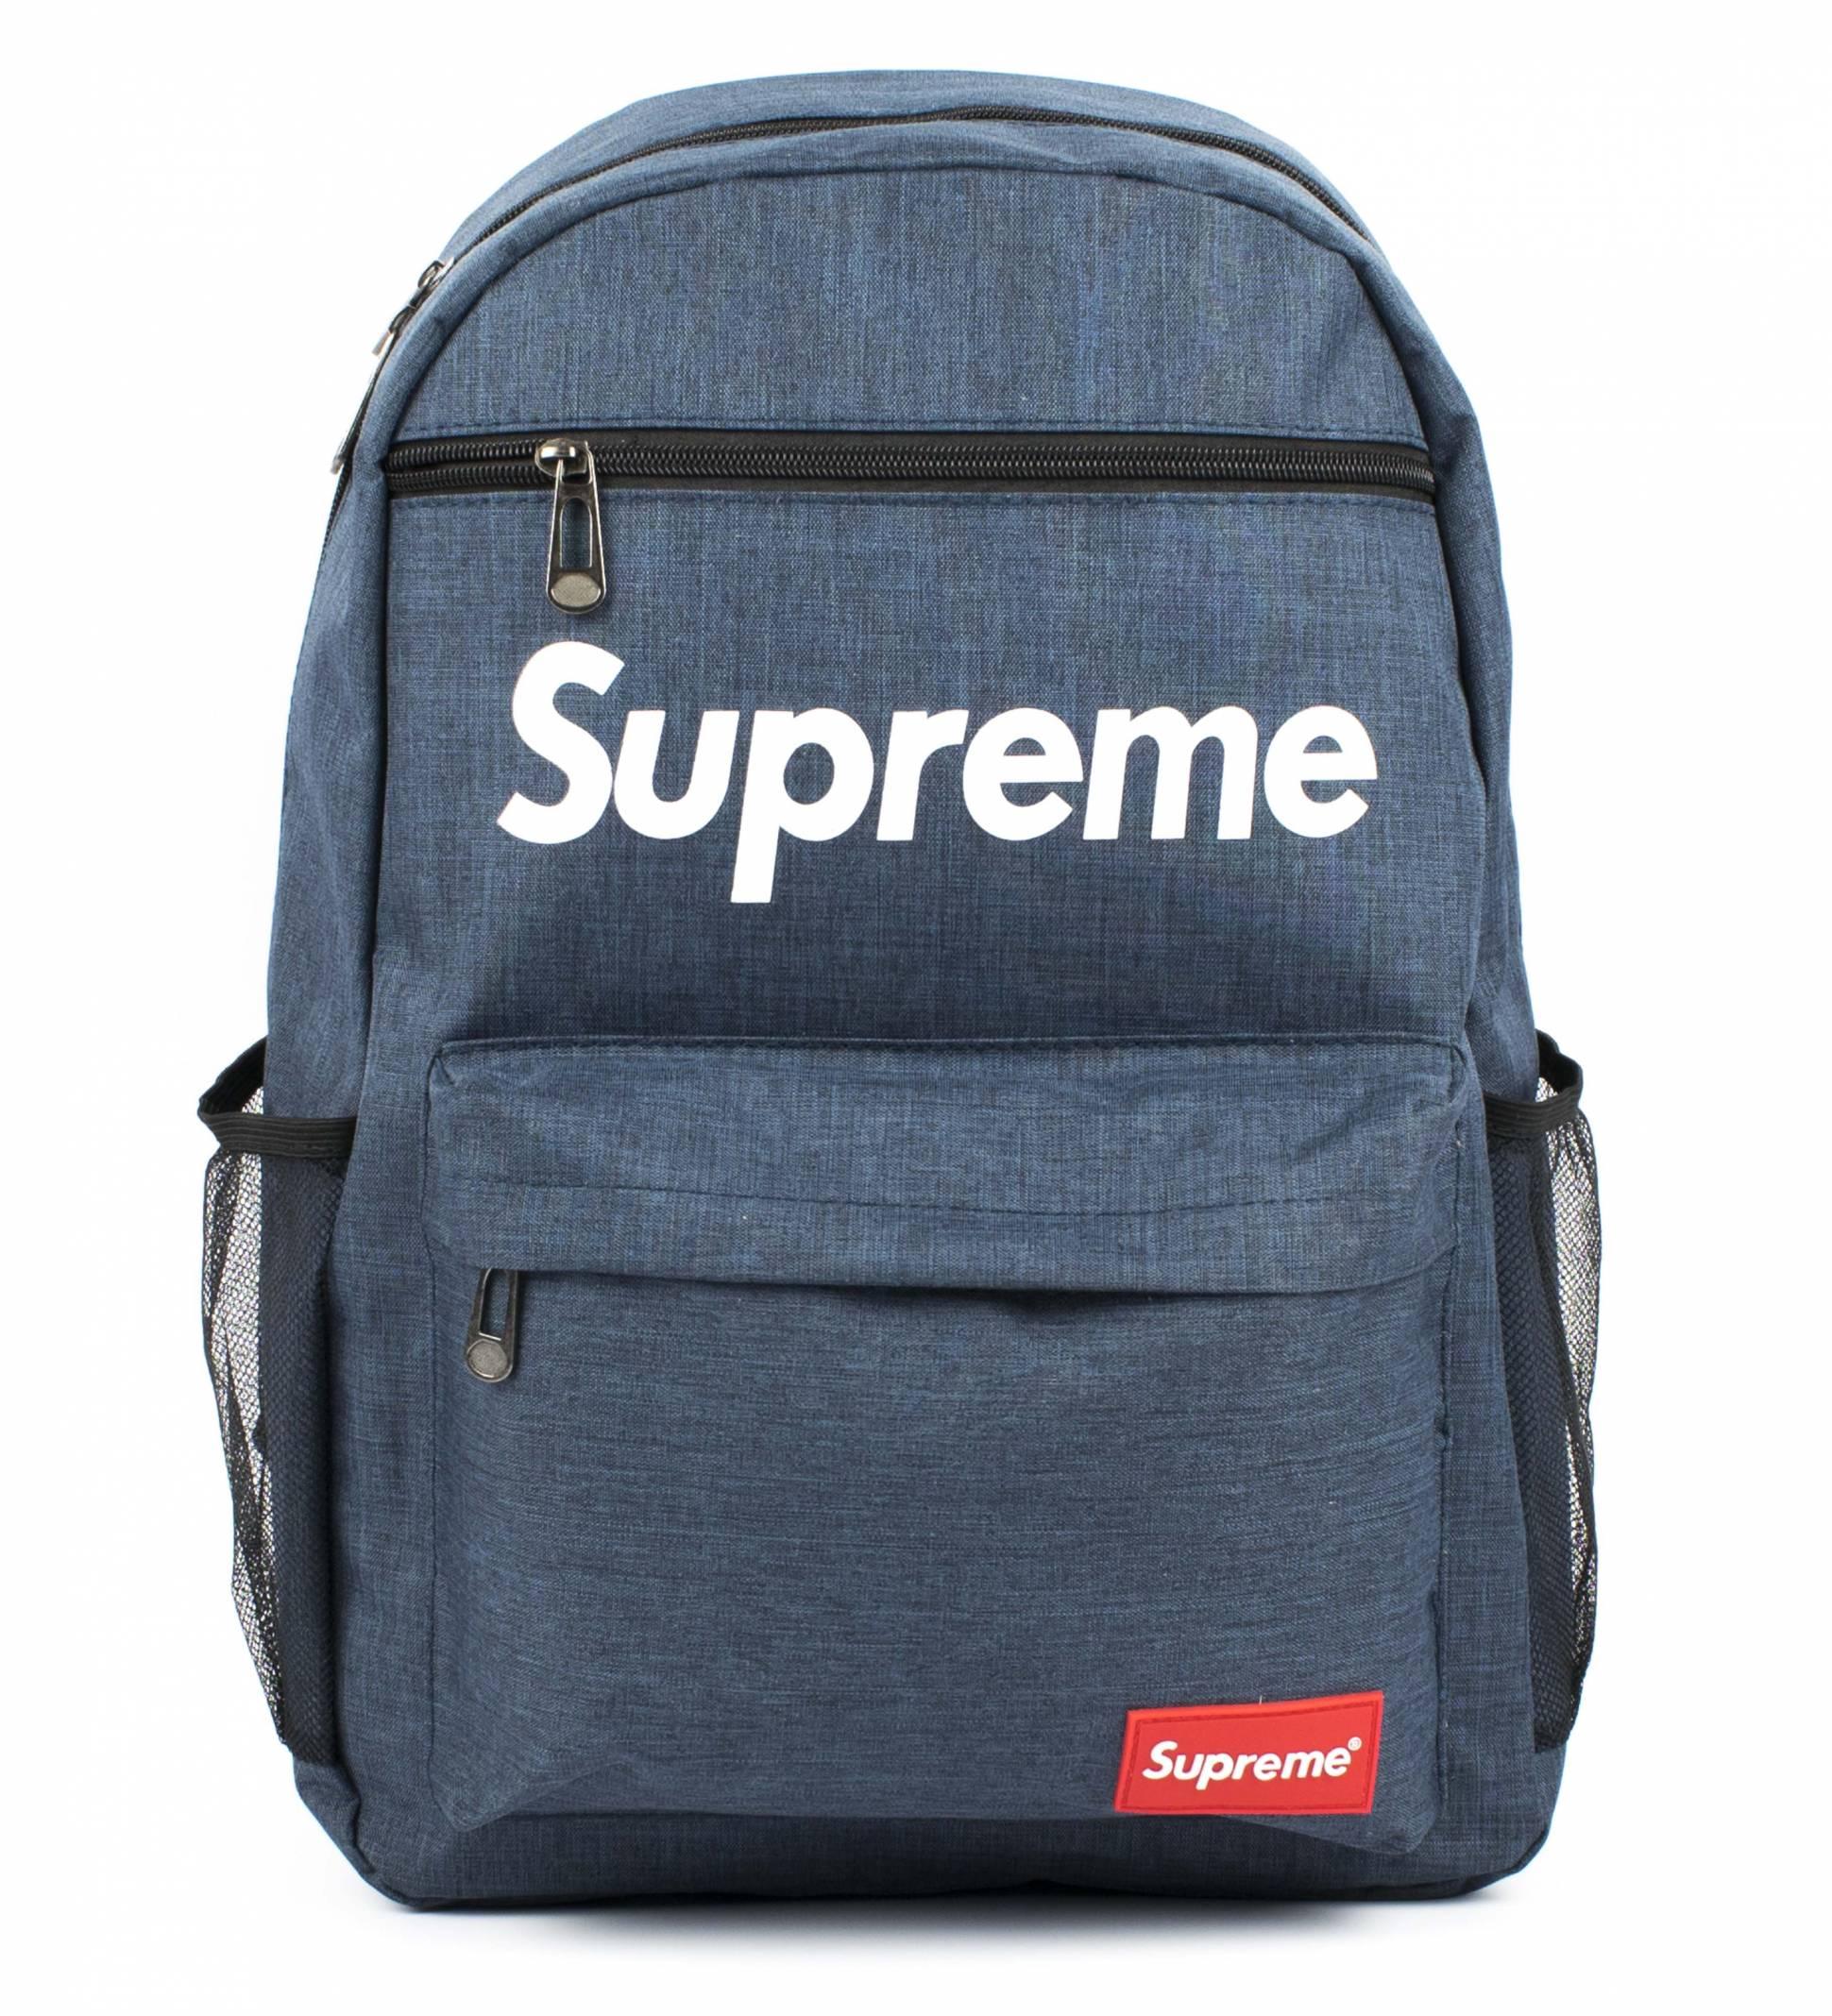 2aa11c9b0e9b Рюкзак Supreme S711 синий купить по цене 1 690 руб. в интернет ...